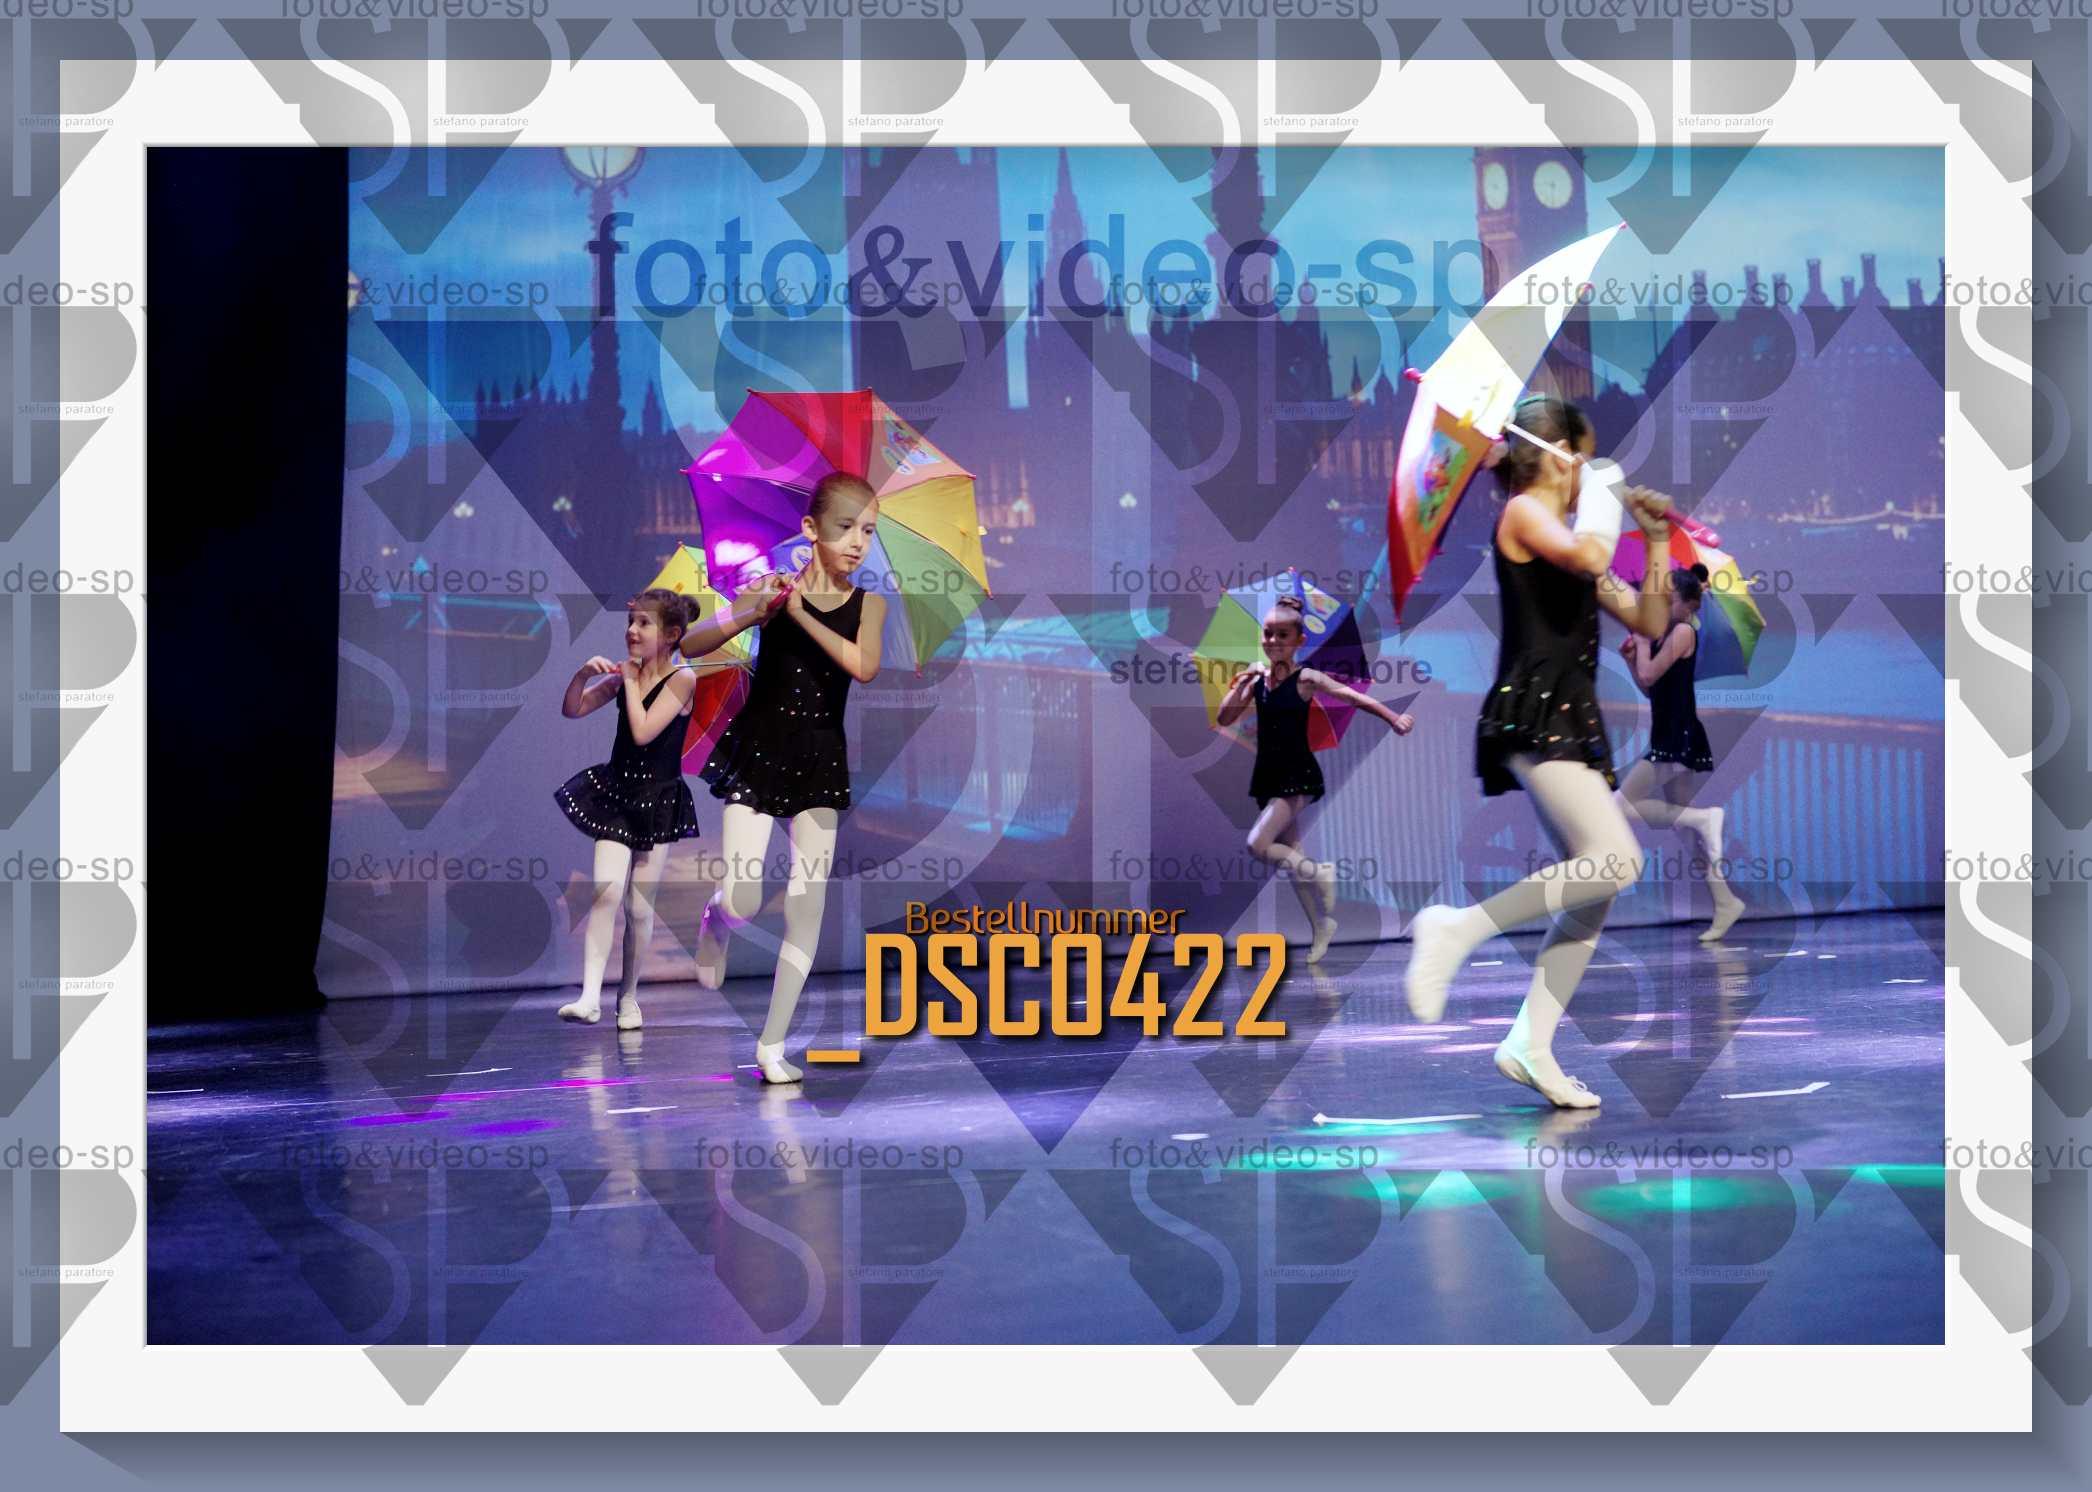 DSC0422